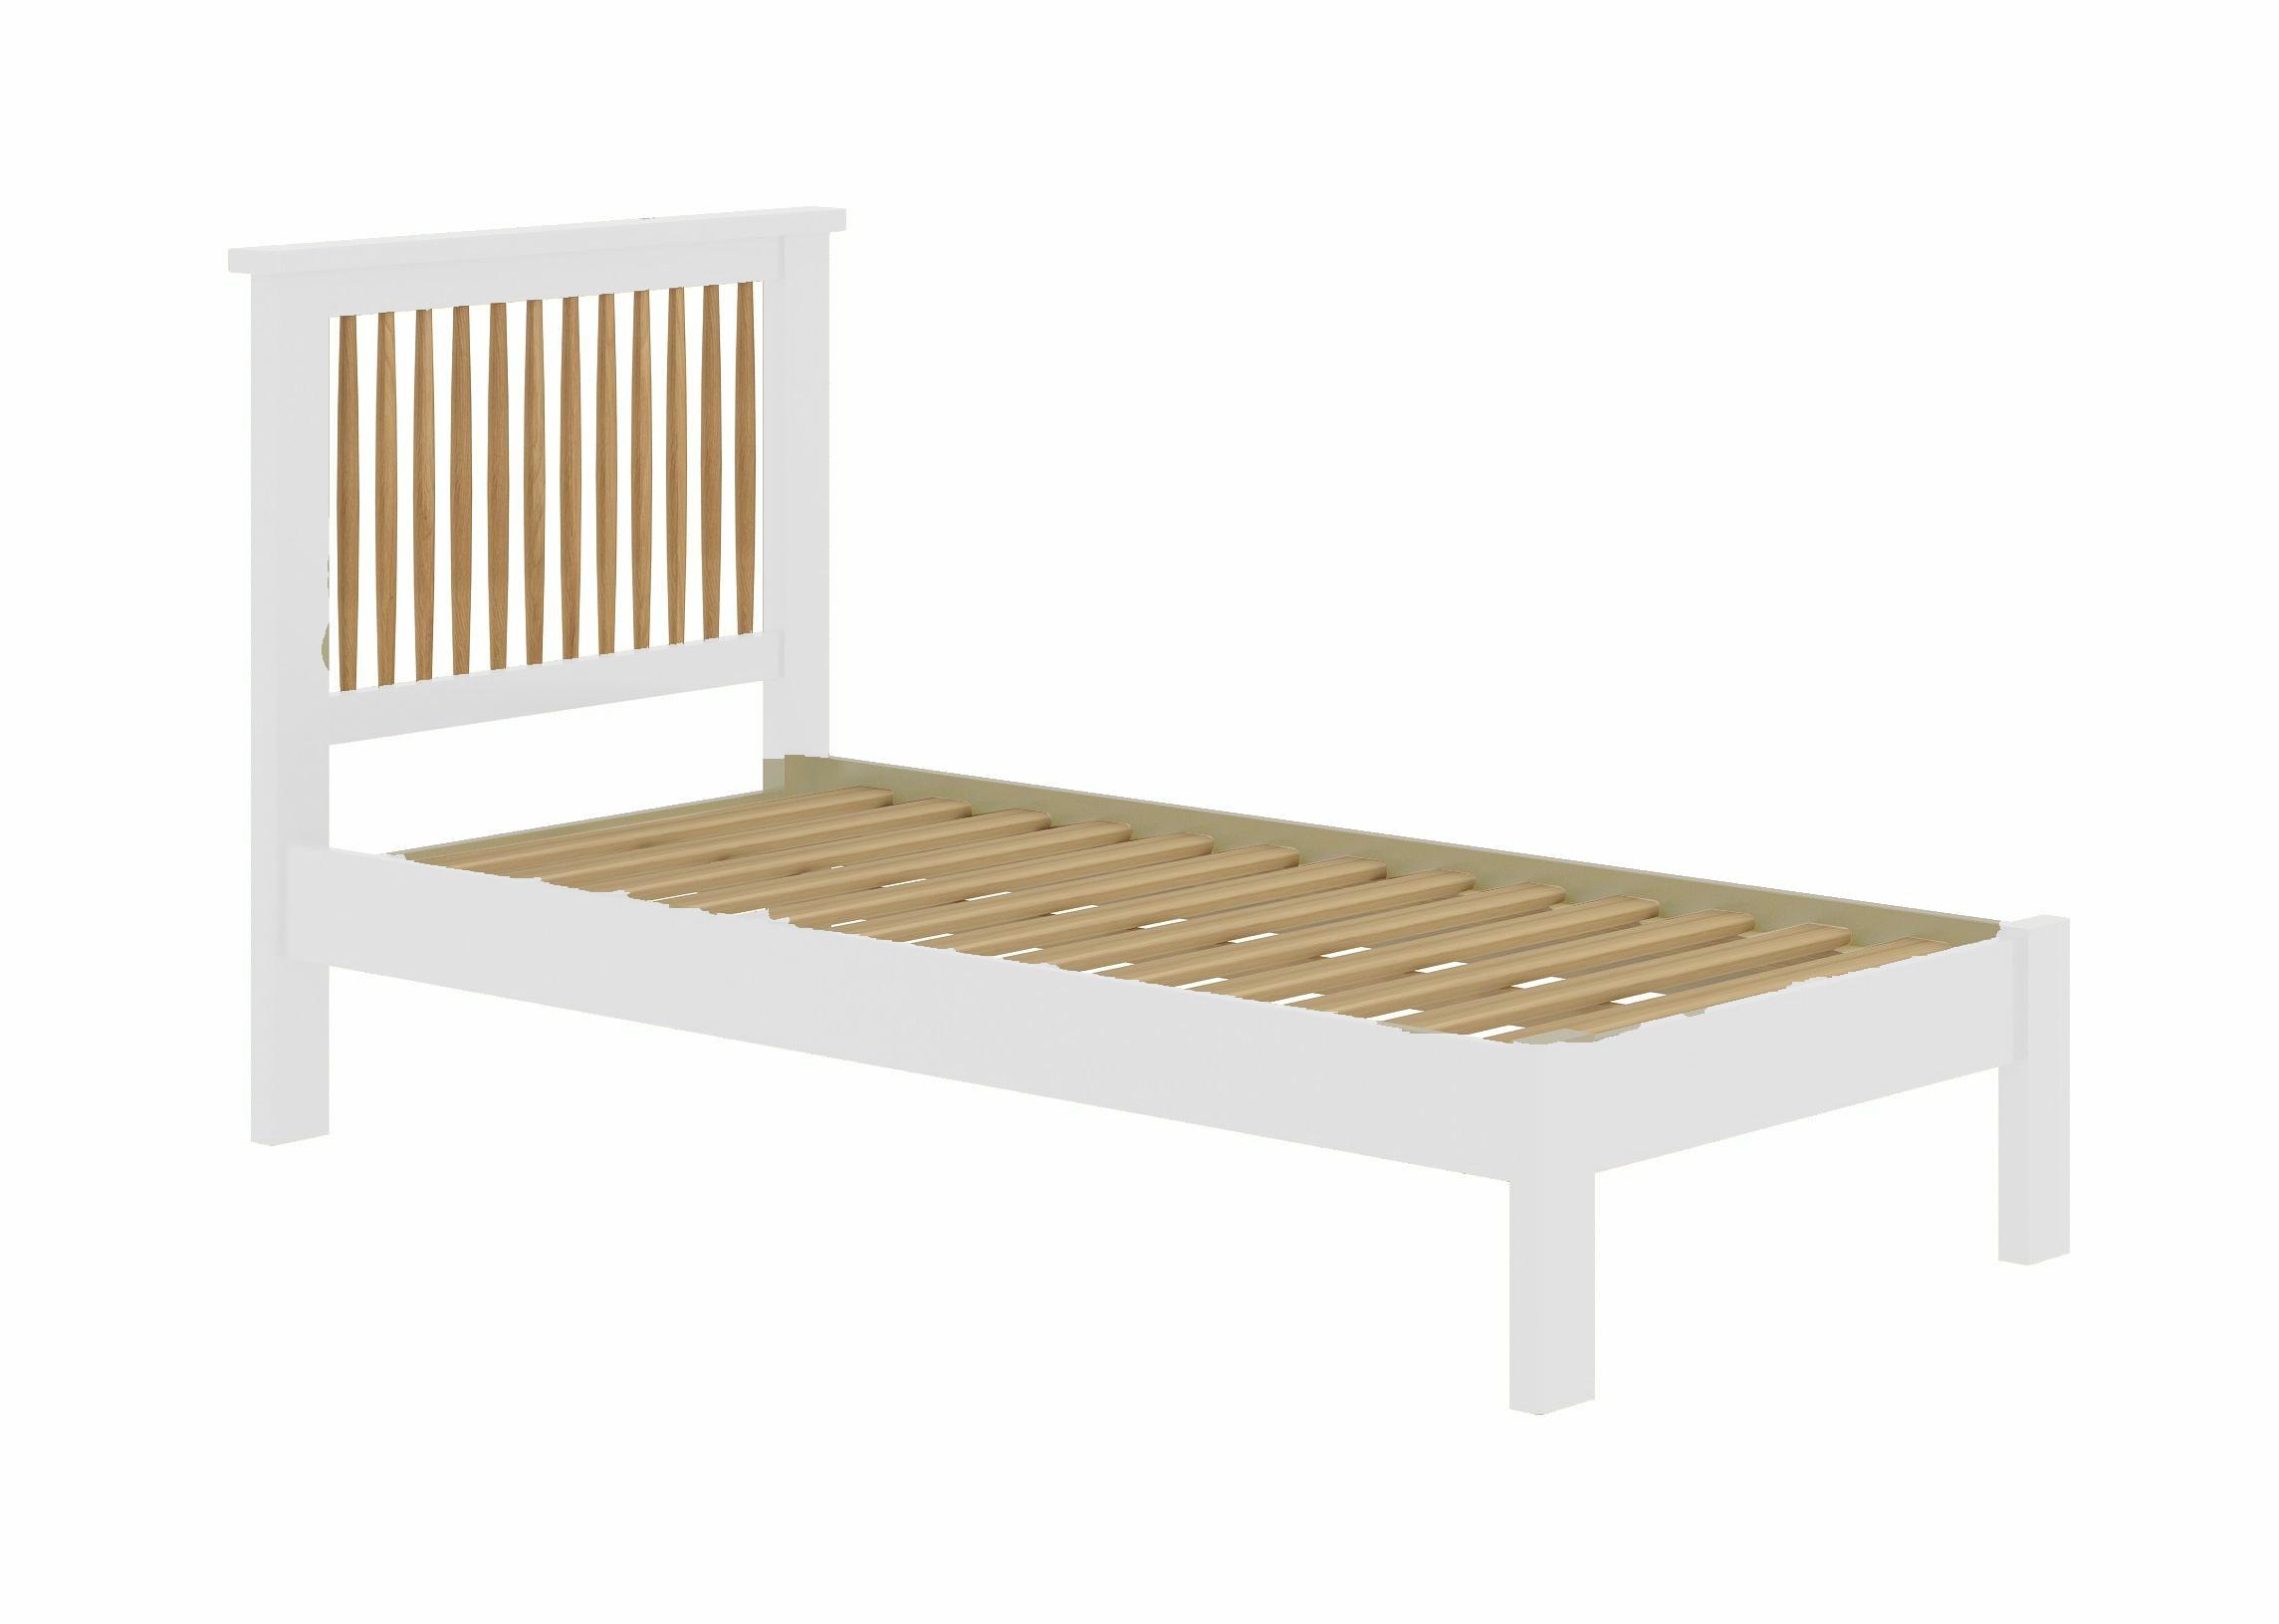 PRESTON 3'0 Bed